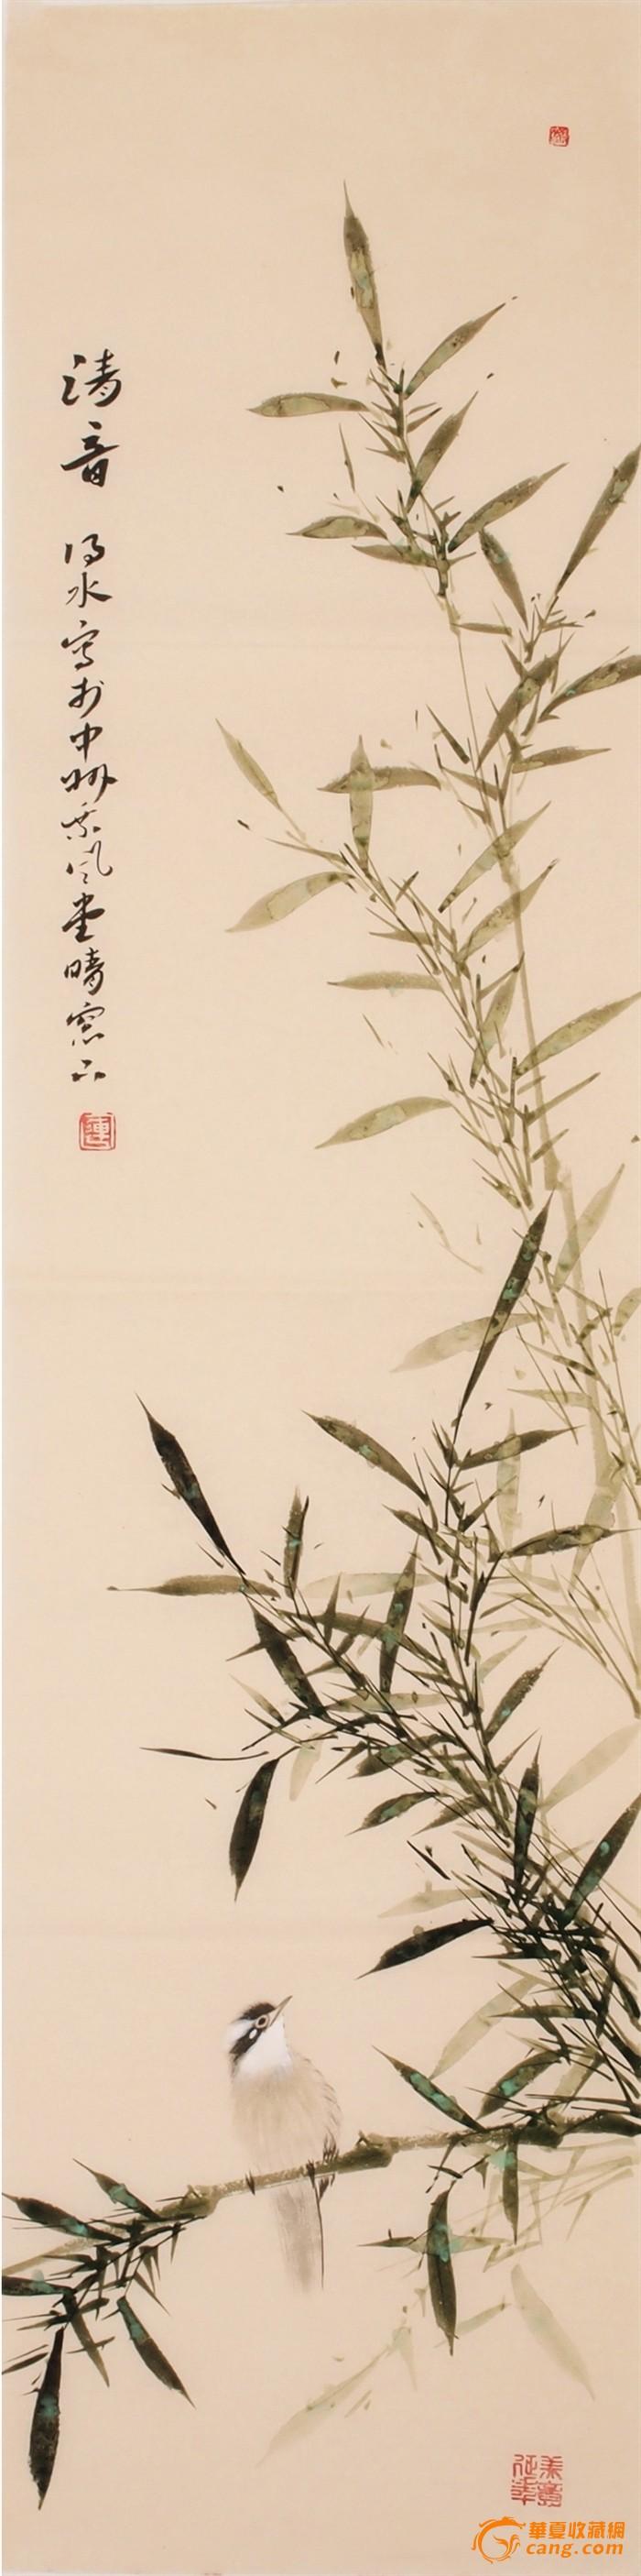 名家风格国画竹子绿竹字画手绘四条屏